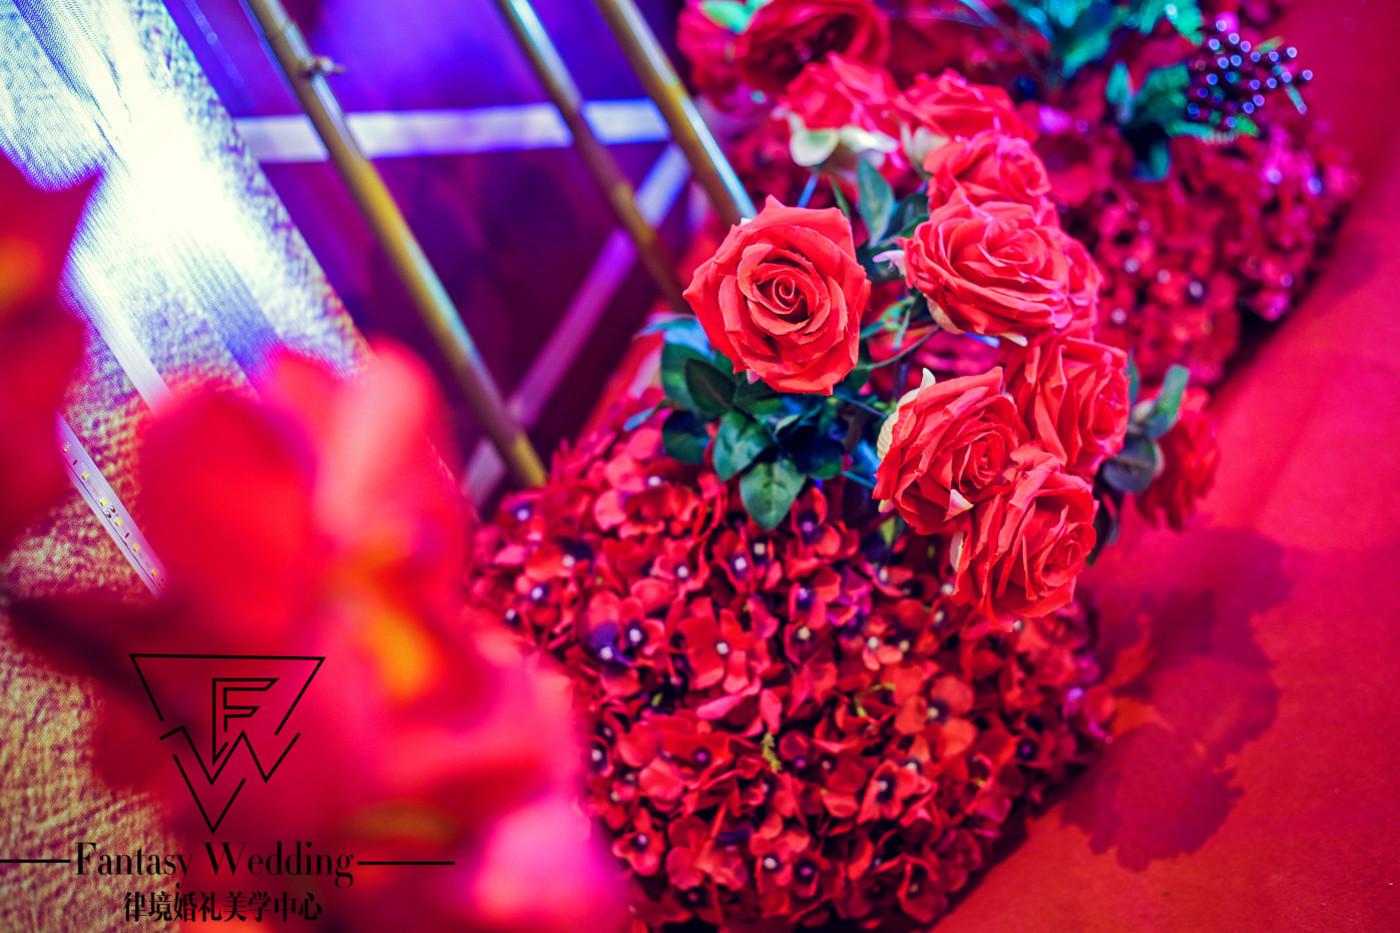 「Fantasy Wedding」&G R 白金汉爵17